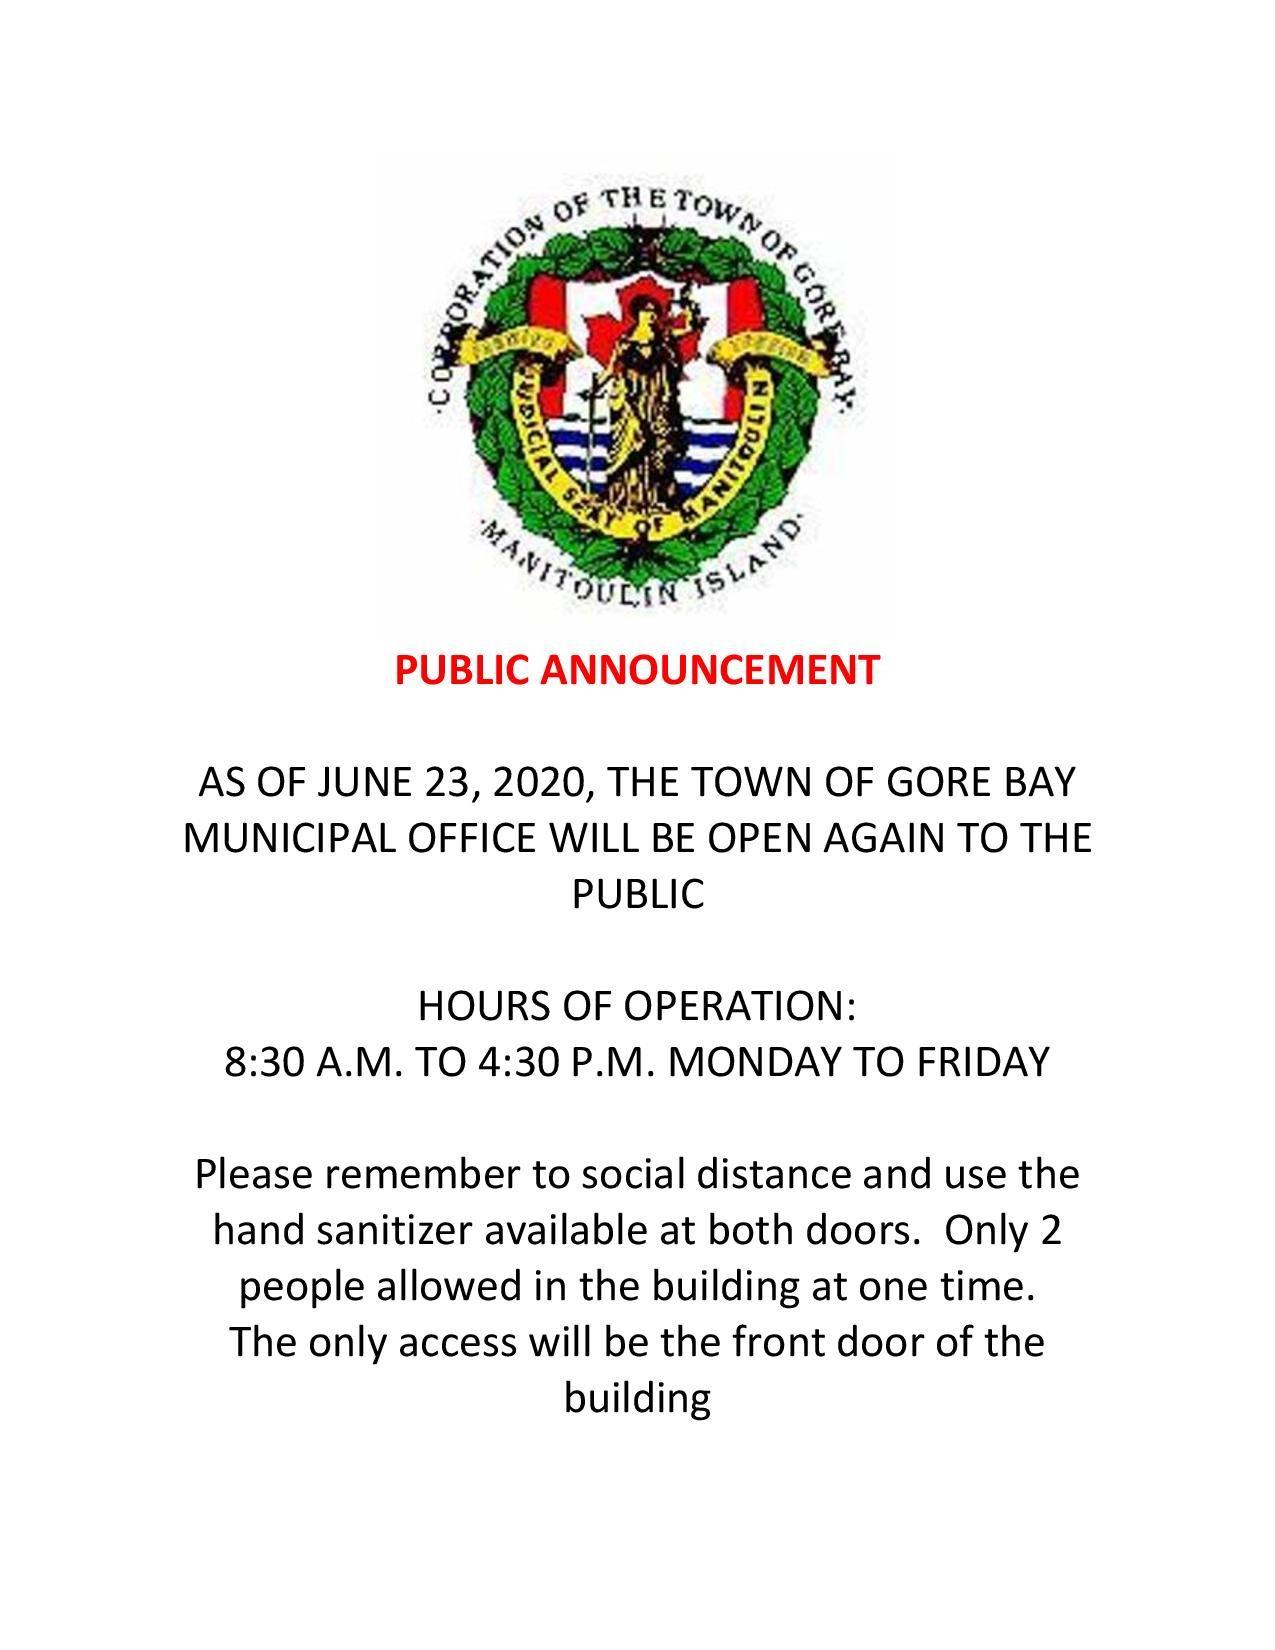 Municipal Office open as of June 23, 2020